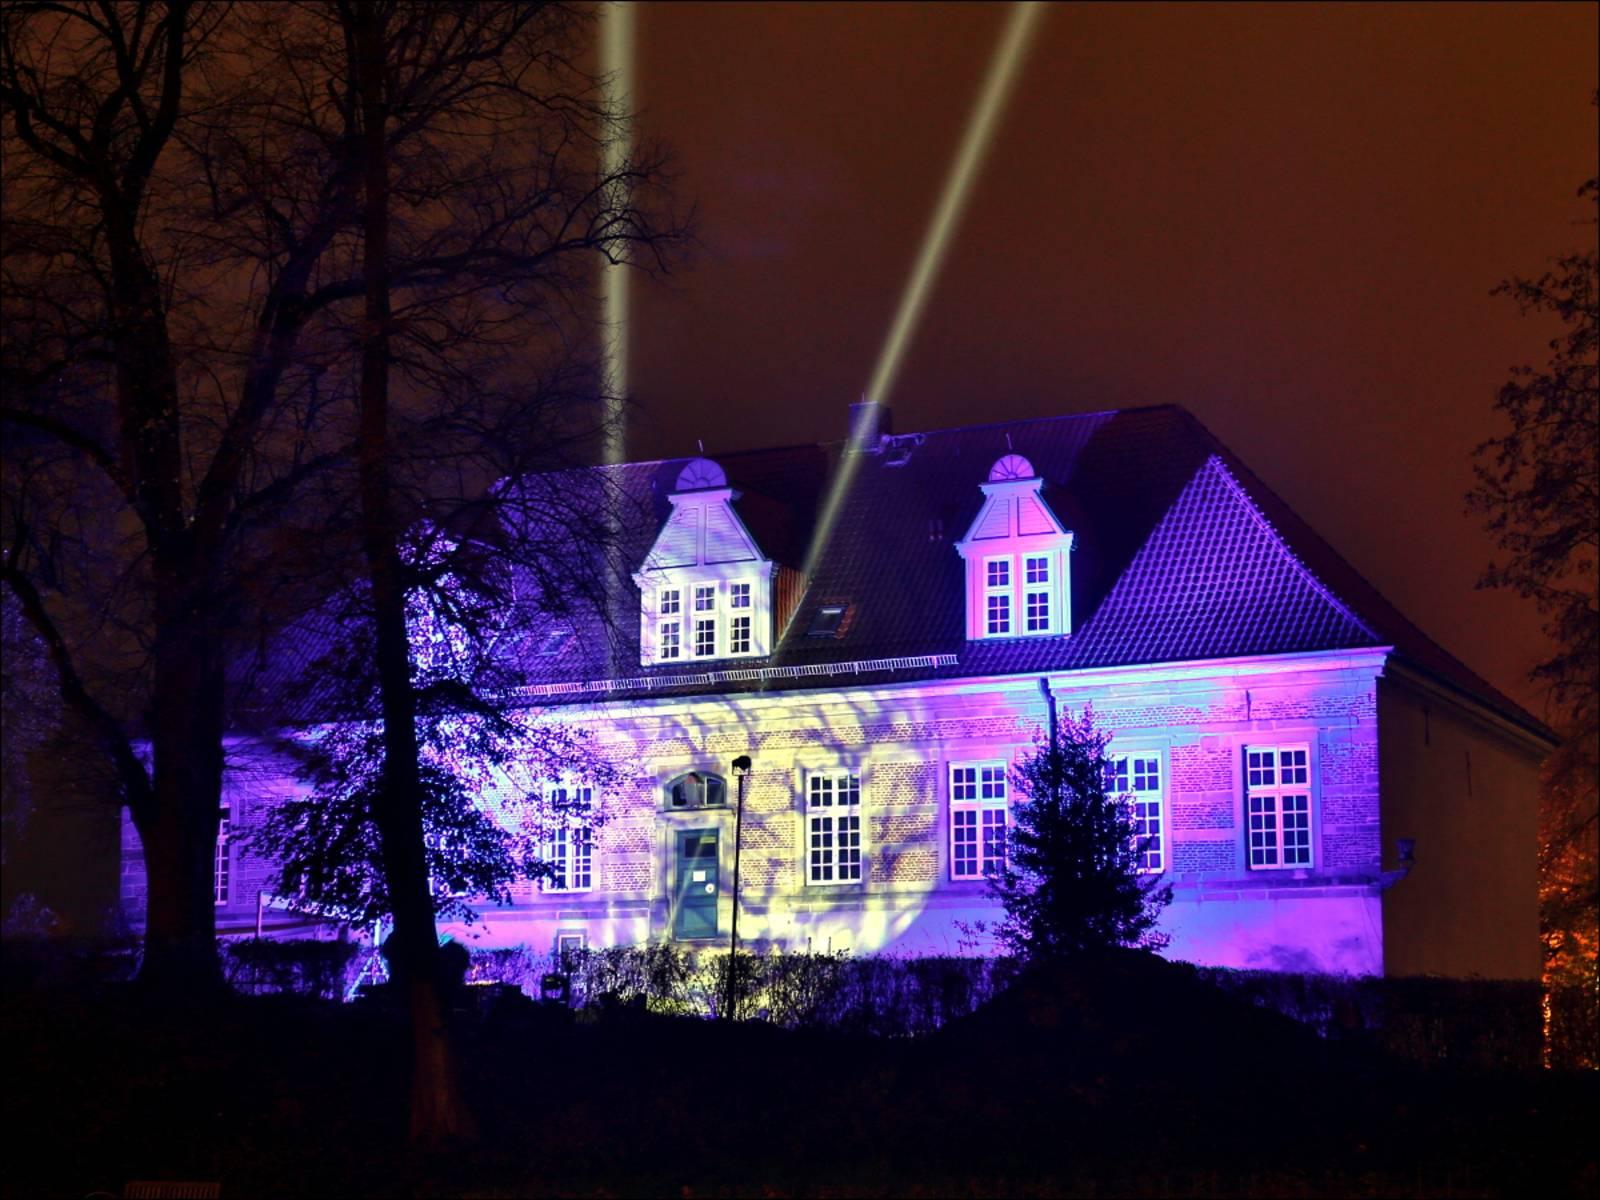 Foto vom Schlossleuchten 2012: Schloss Landestrost leuchtet in blauem Licht, zwei starke Scheinwerfer malen außerdem zwei Lichtsäulen in den Himmel.